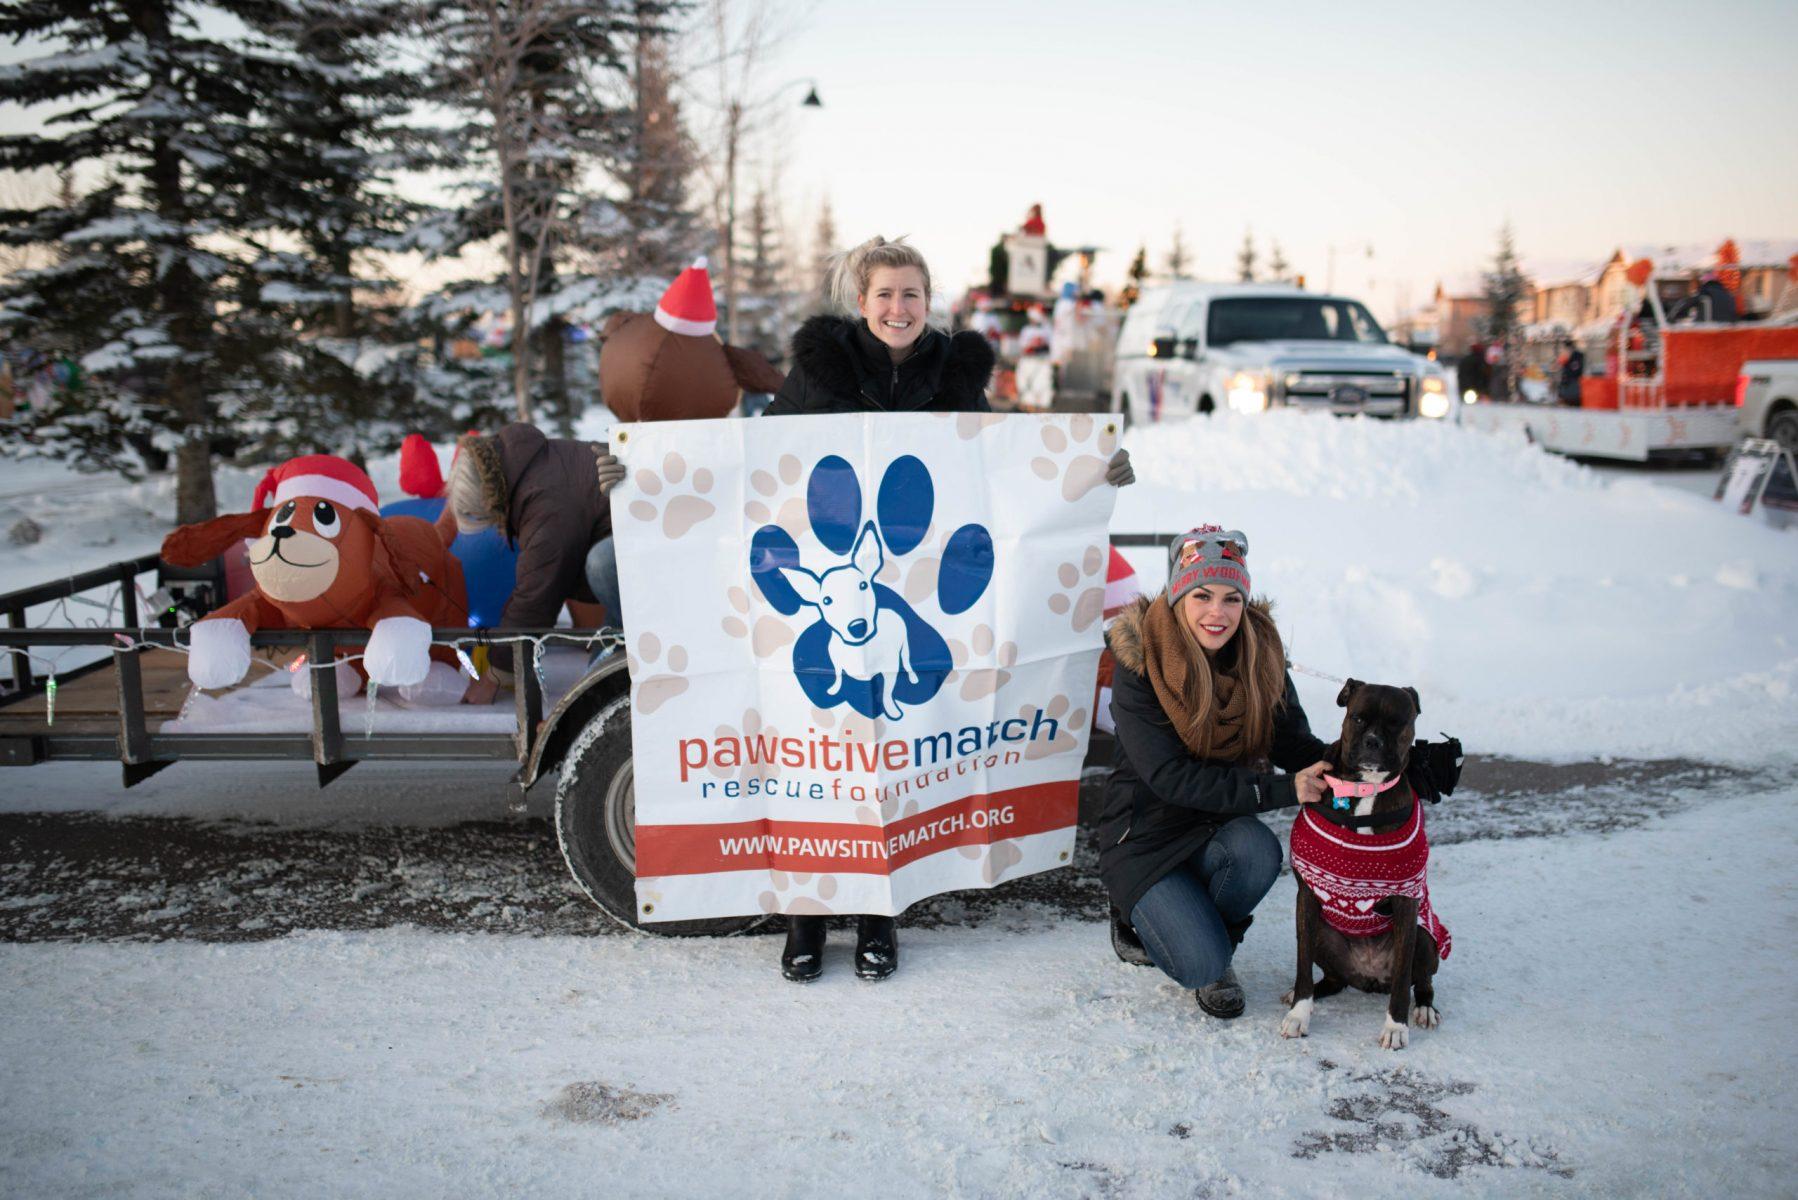 Auburn-Bay-Christmas-Parade-2019-13-scaled